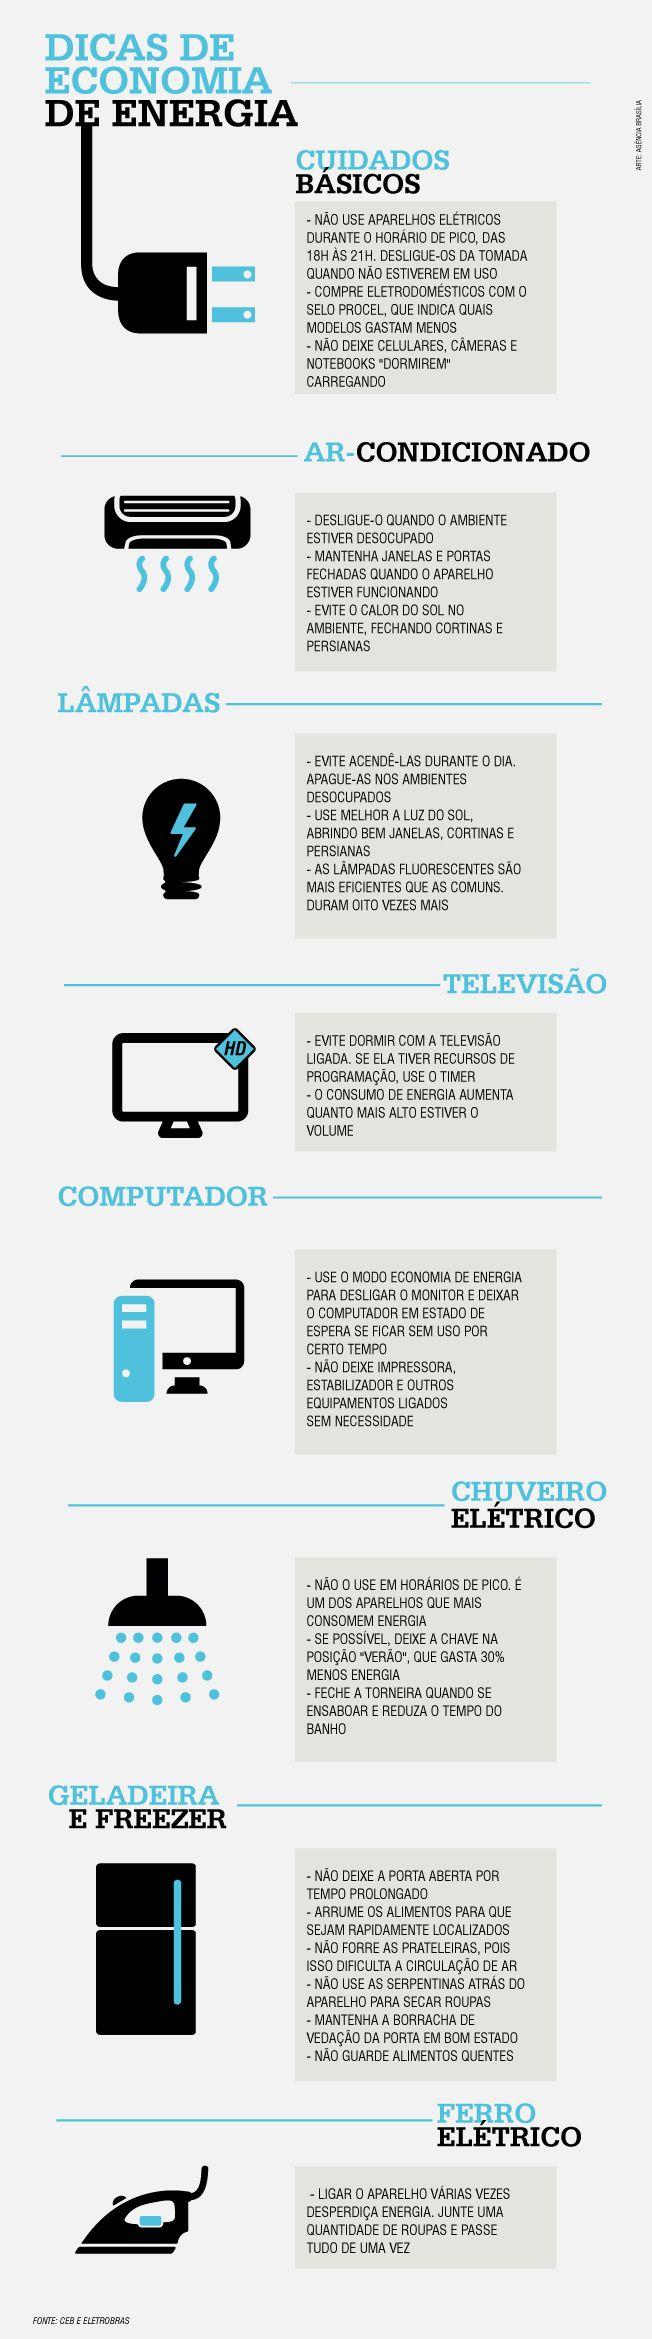 CEB dá dicas de como seguir evitando desperdícios com o fim do horário de verão - http://noticiasembrasilia.com.br/noticias-distrito-federal-cidade-brasilia/2015/02/22/ceb-da-dicas-de-como-seguir-evitando-desperdicios-com-o-fim-do-horario-de-verao/